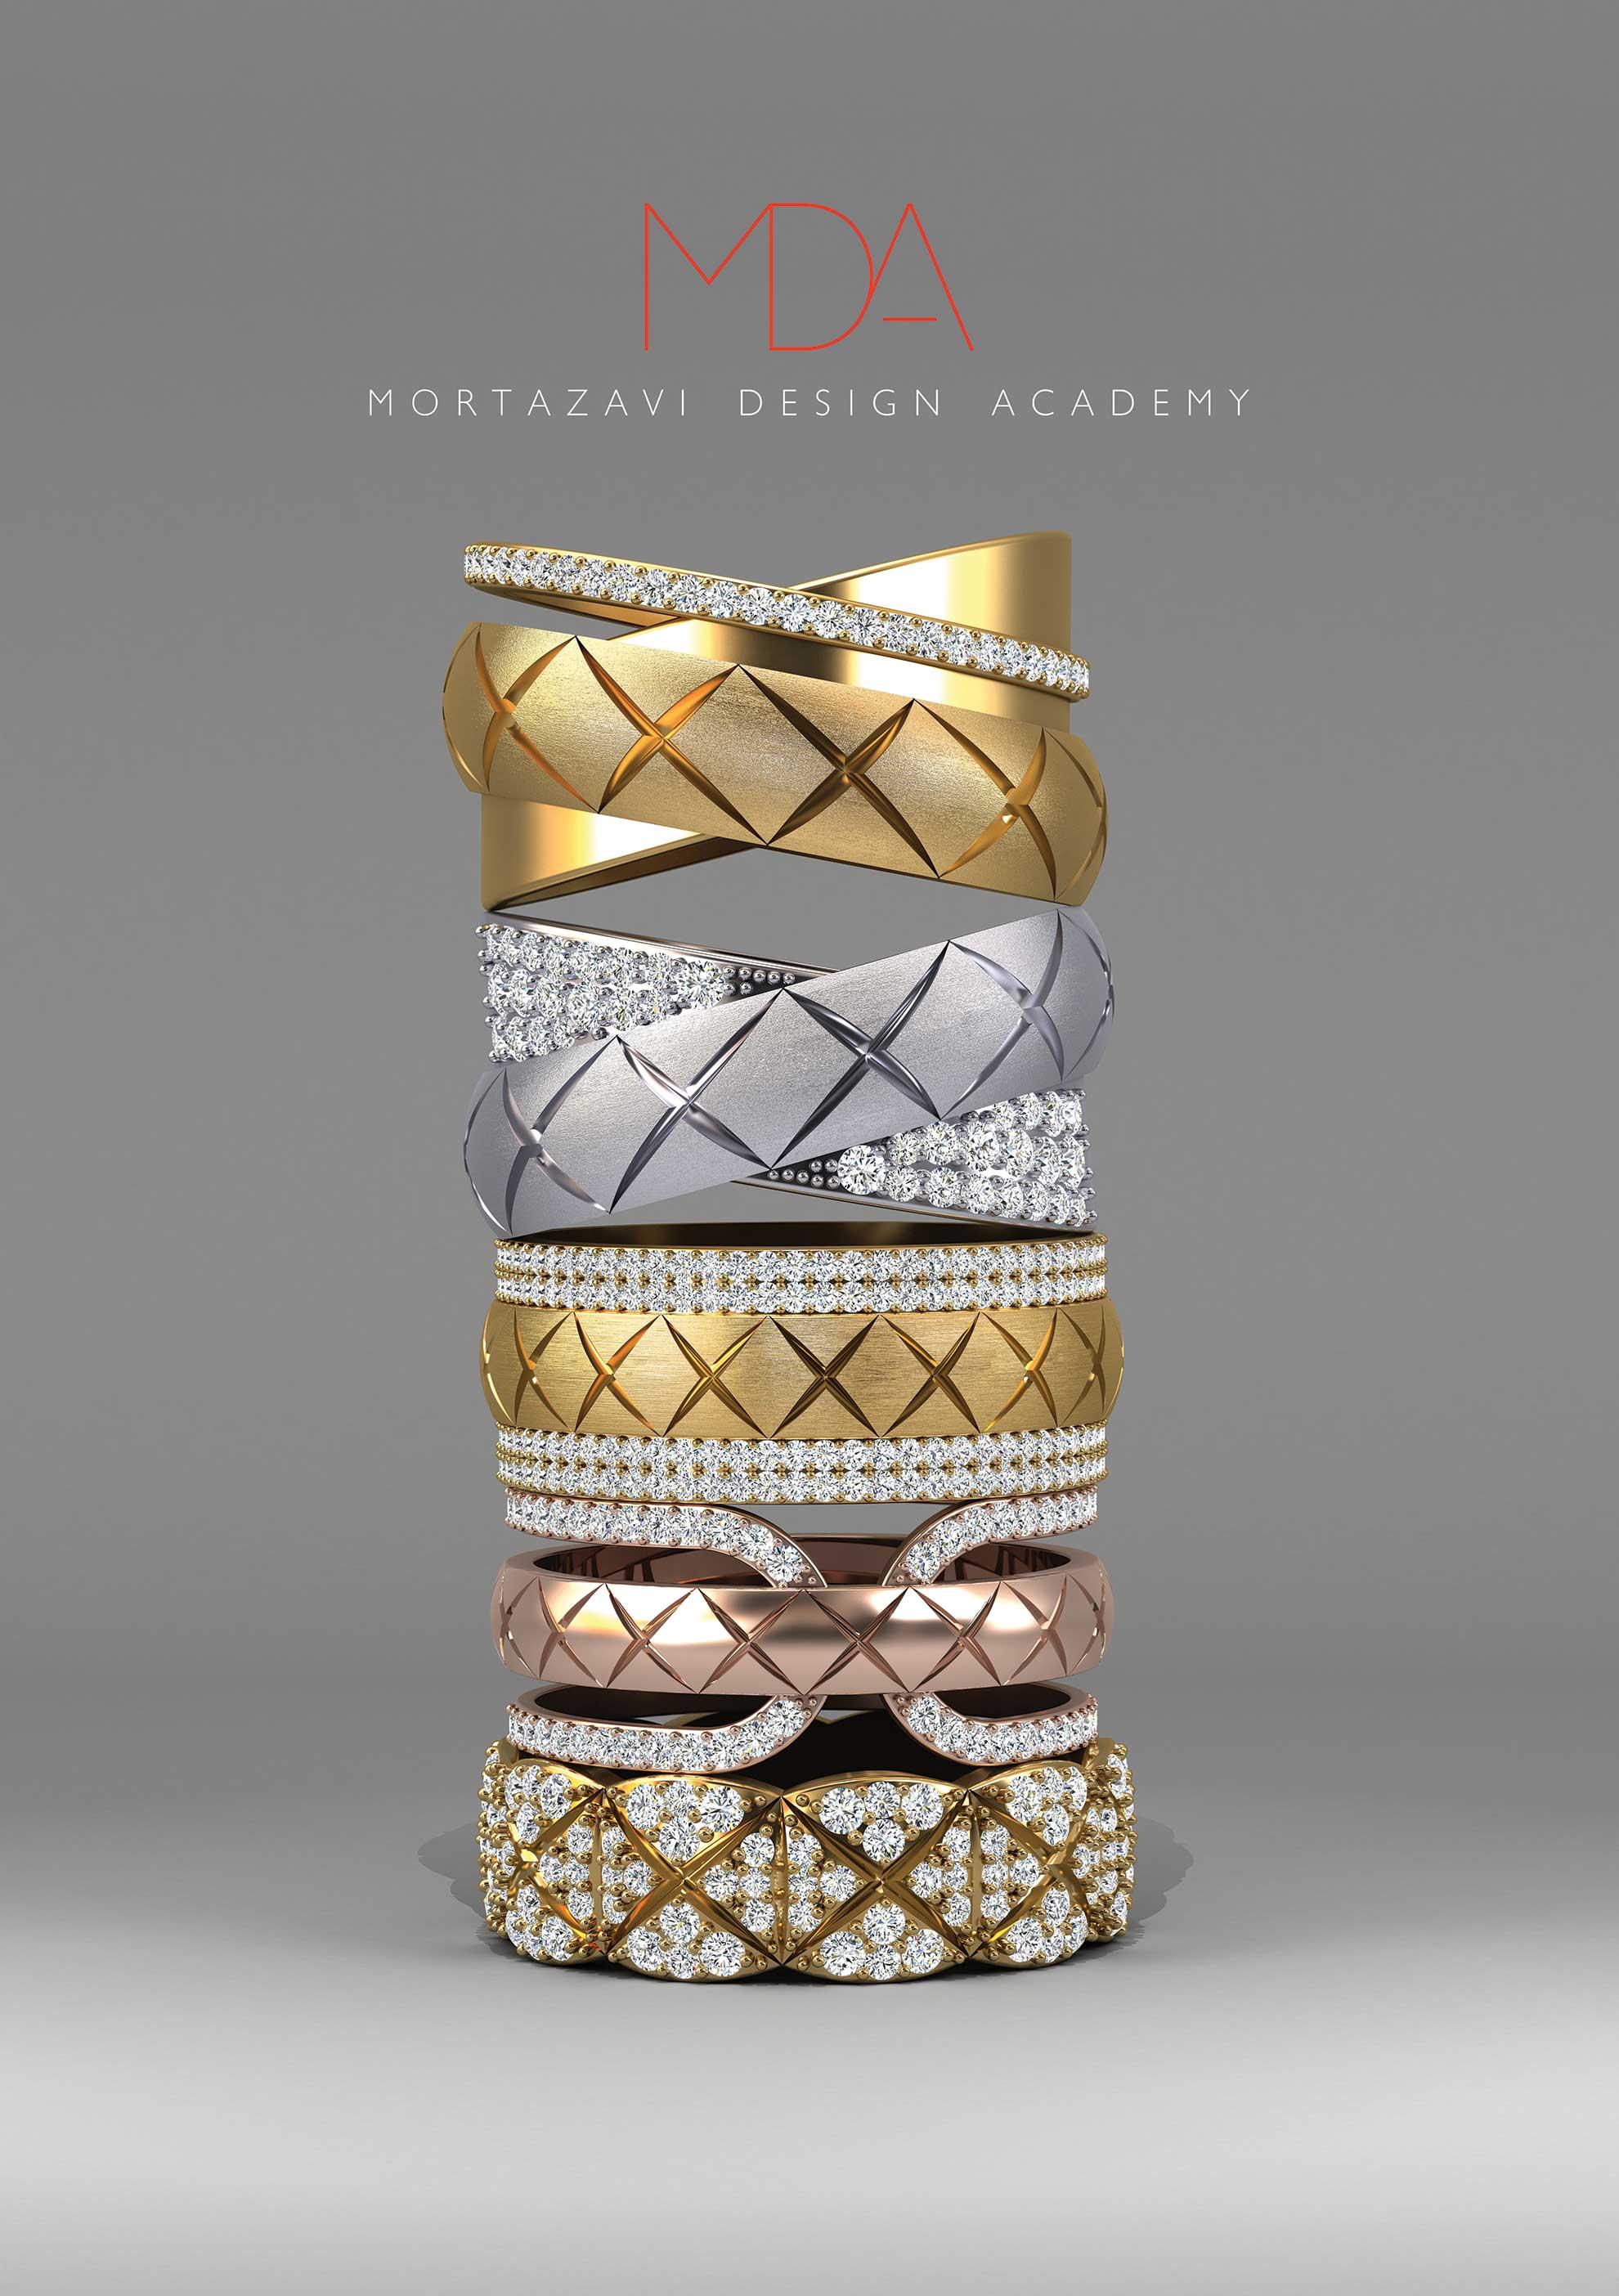 طراحی و ایده پردازی طلا و جواهر